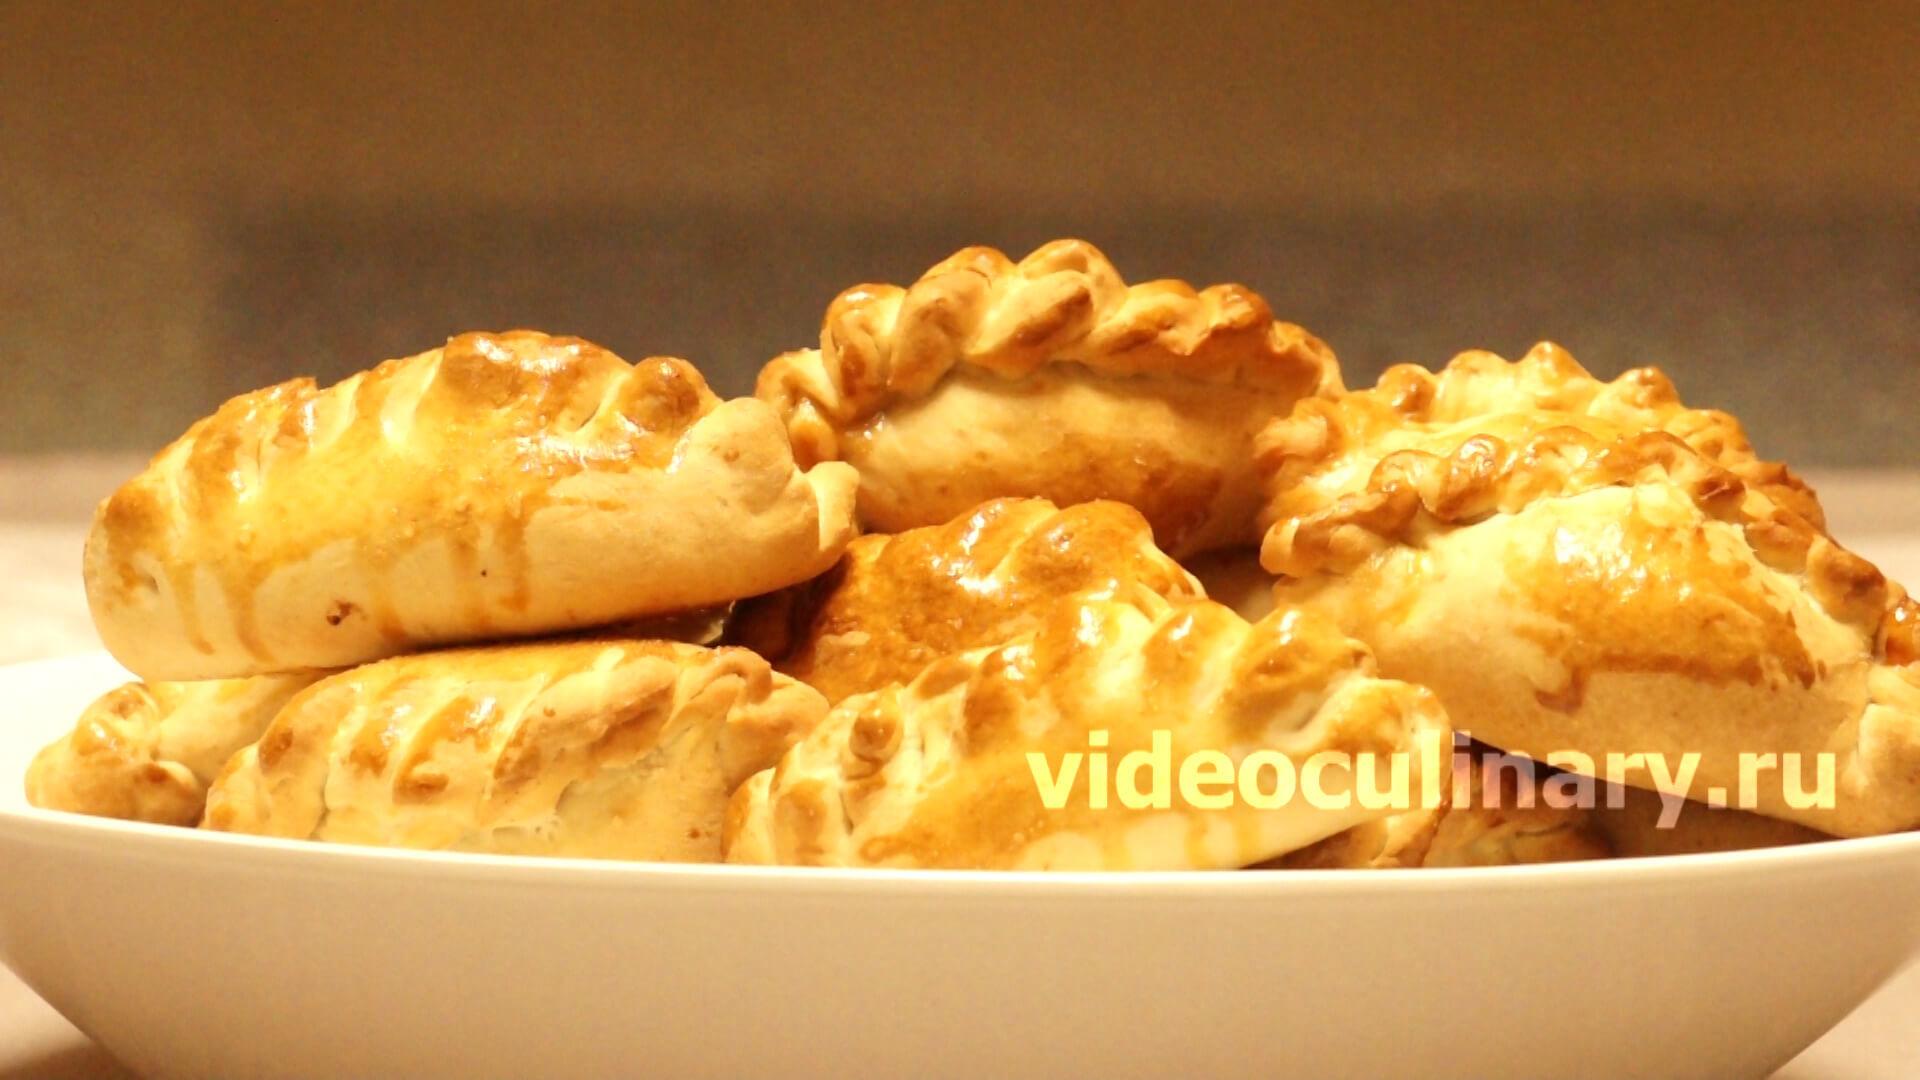 дрожжевые пирожки в духовке от бабушки эммы видео рецепт